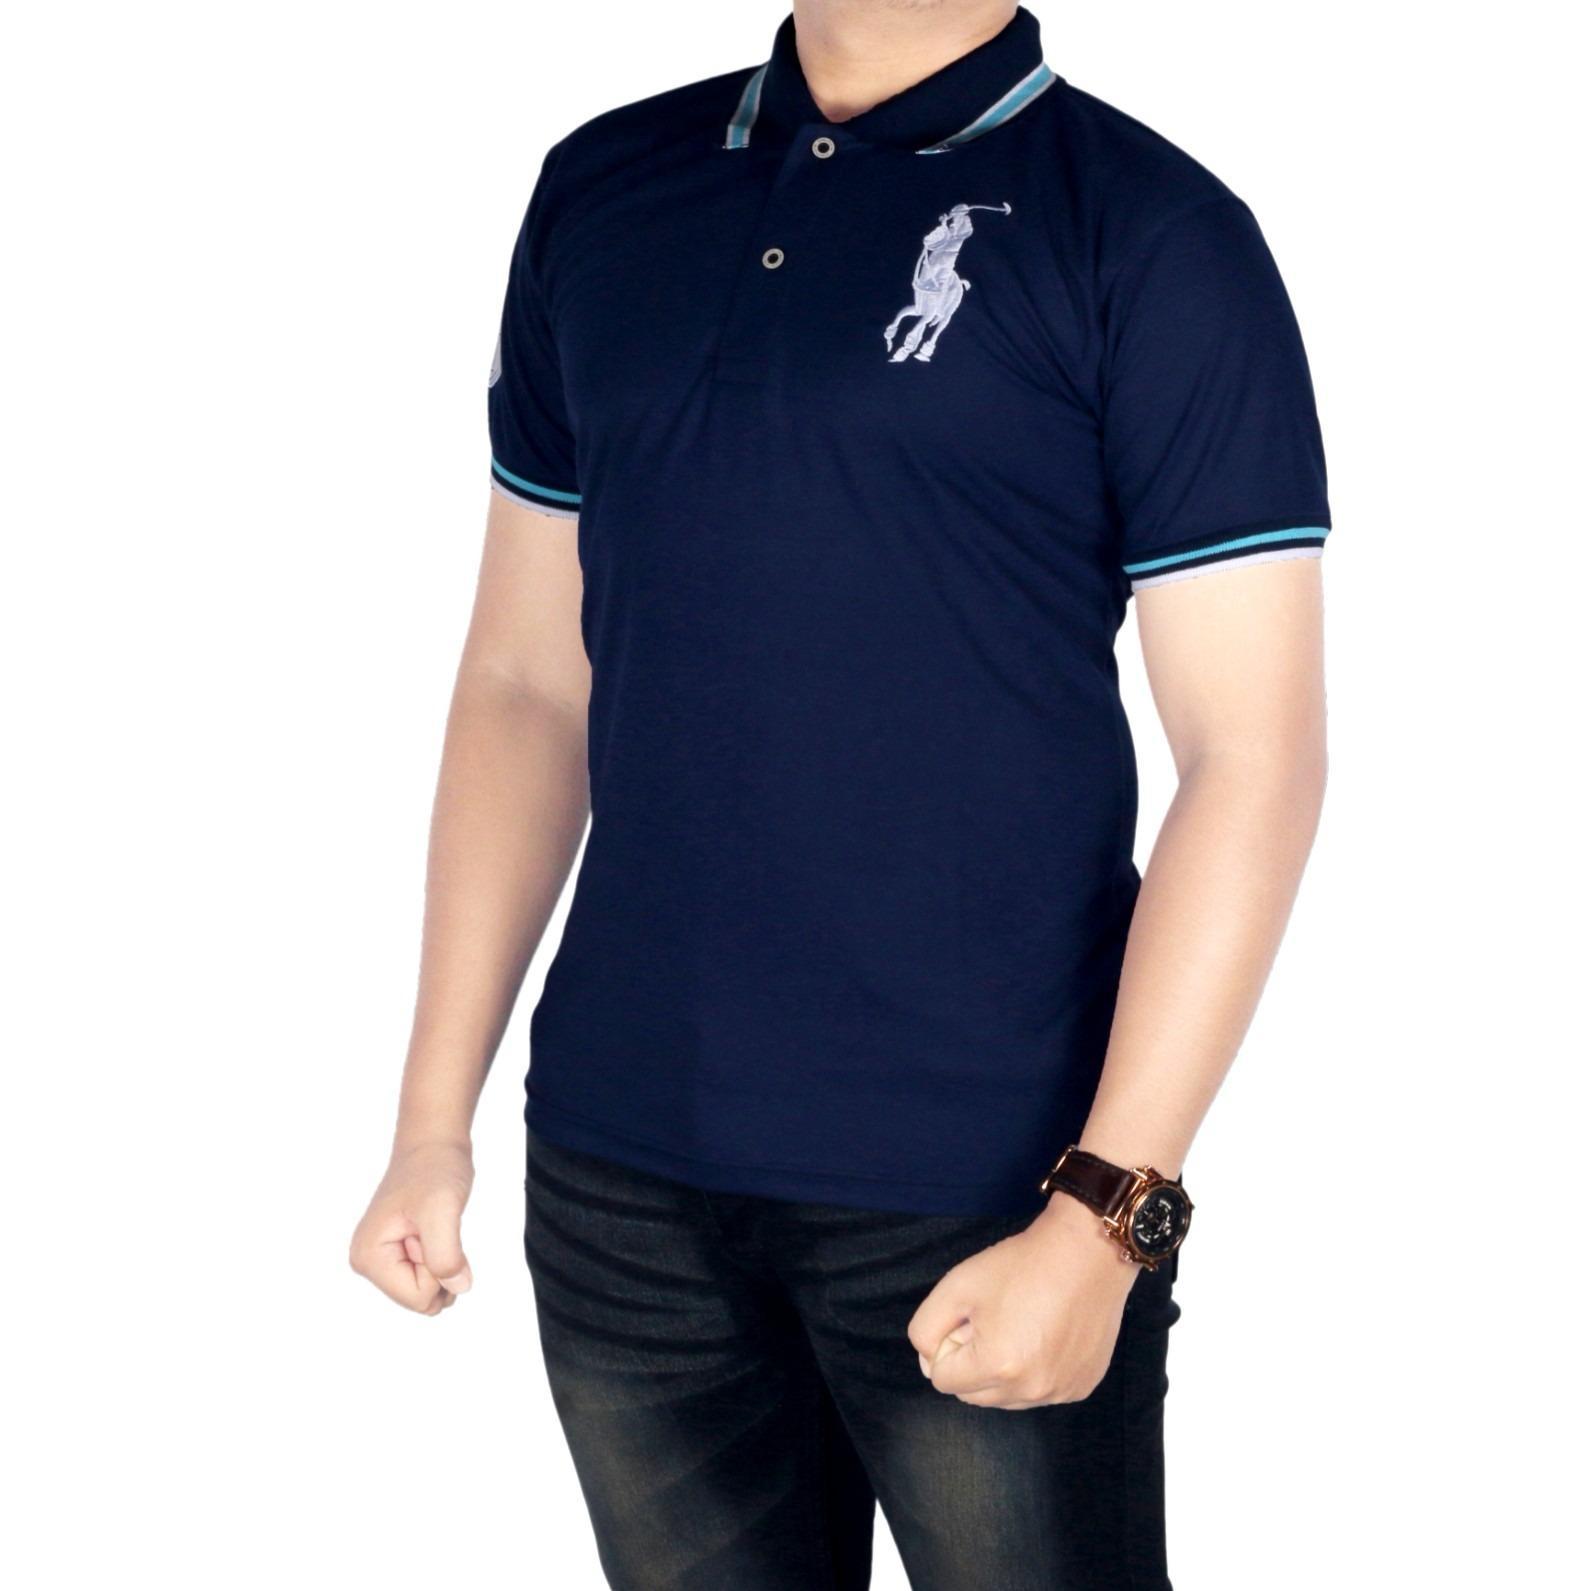 Dgm Fashion1 Poloshirt Pria Polo Kaos Kaos Polo Shirt Polo Kaos Kerah Ip 3908 Navy Dki Jakarta Diskon